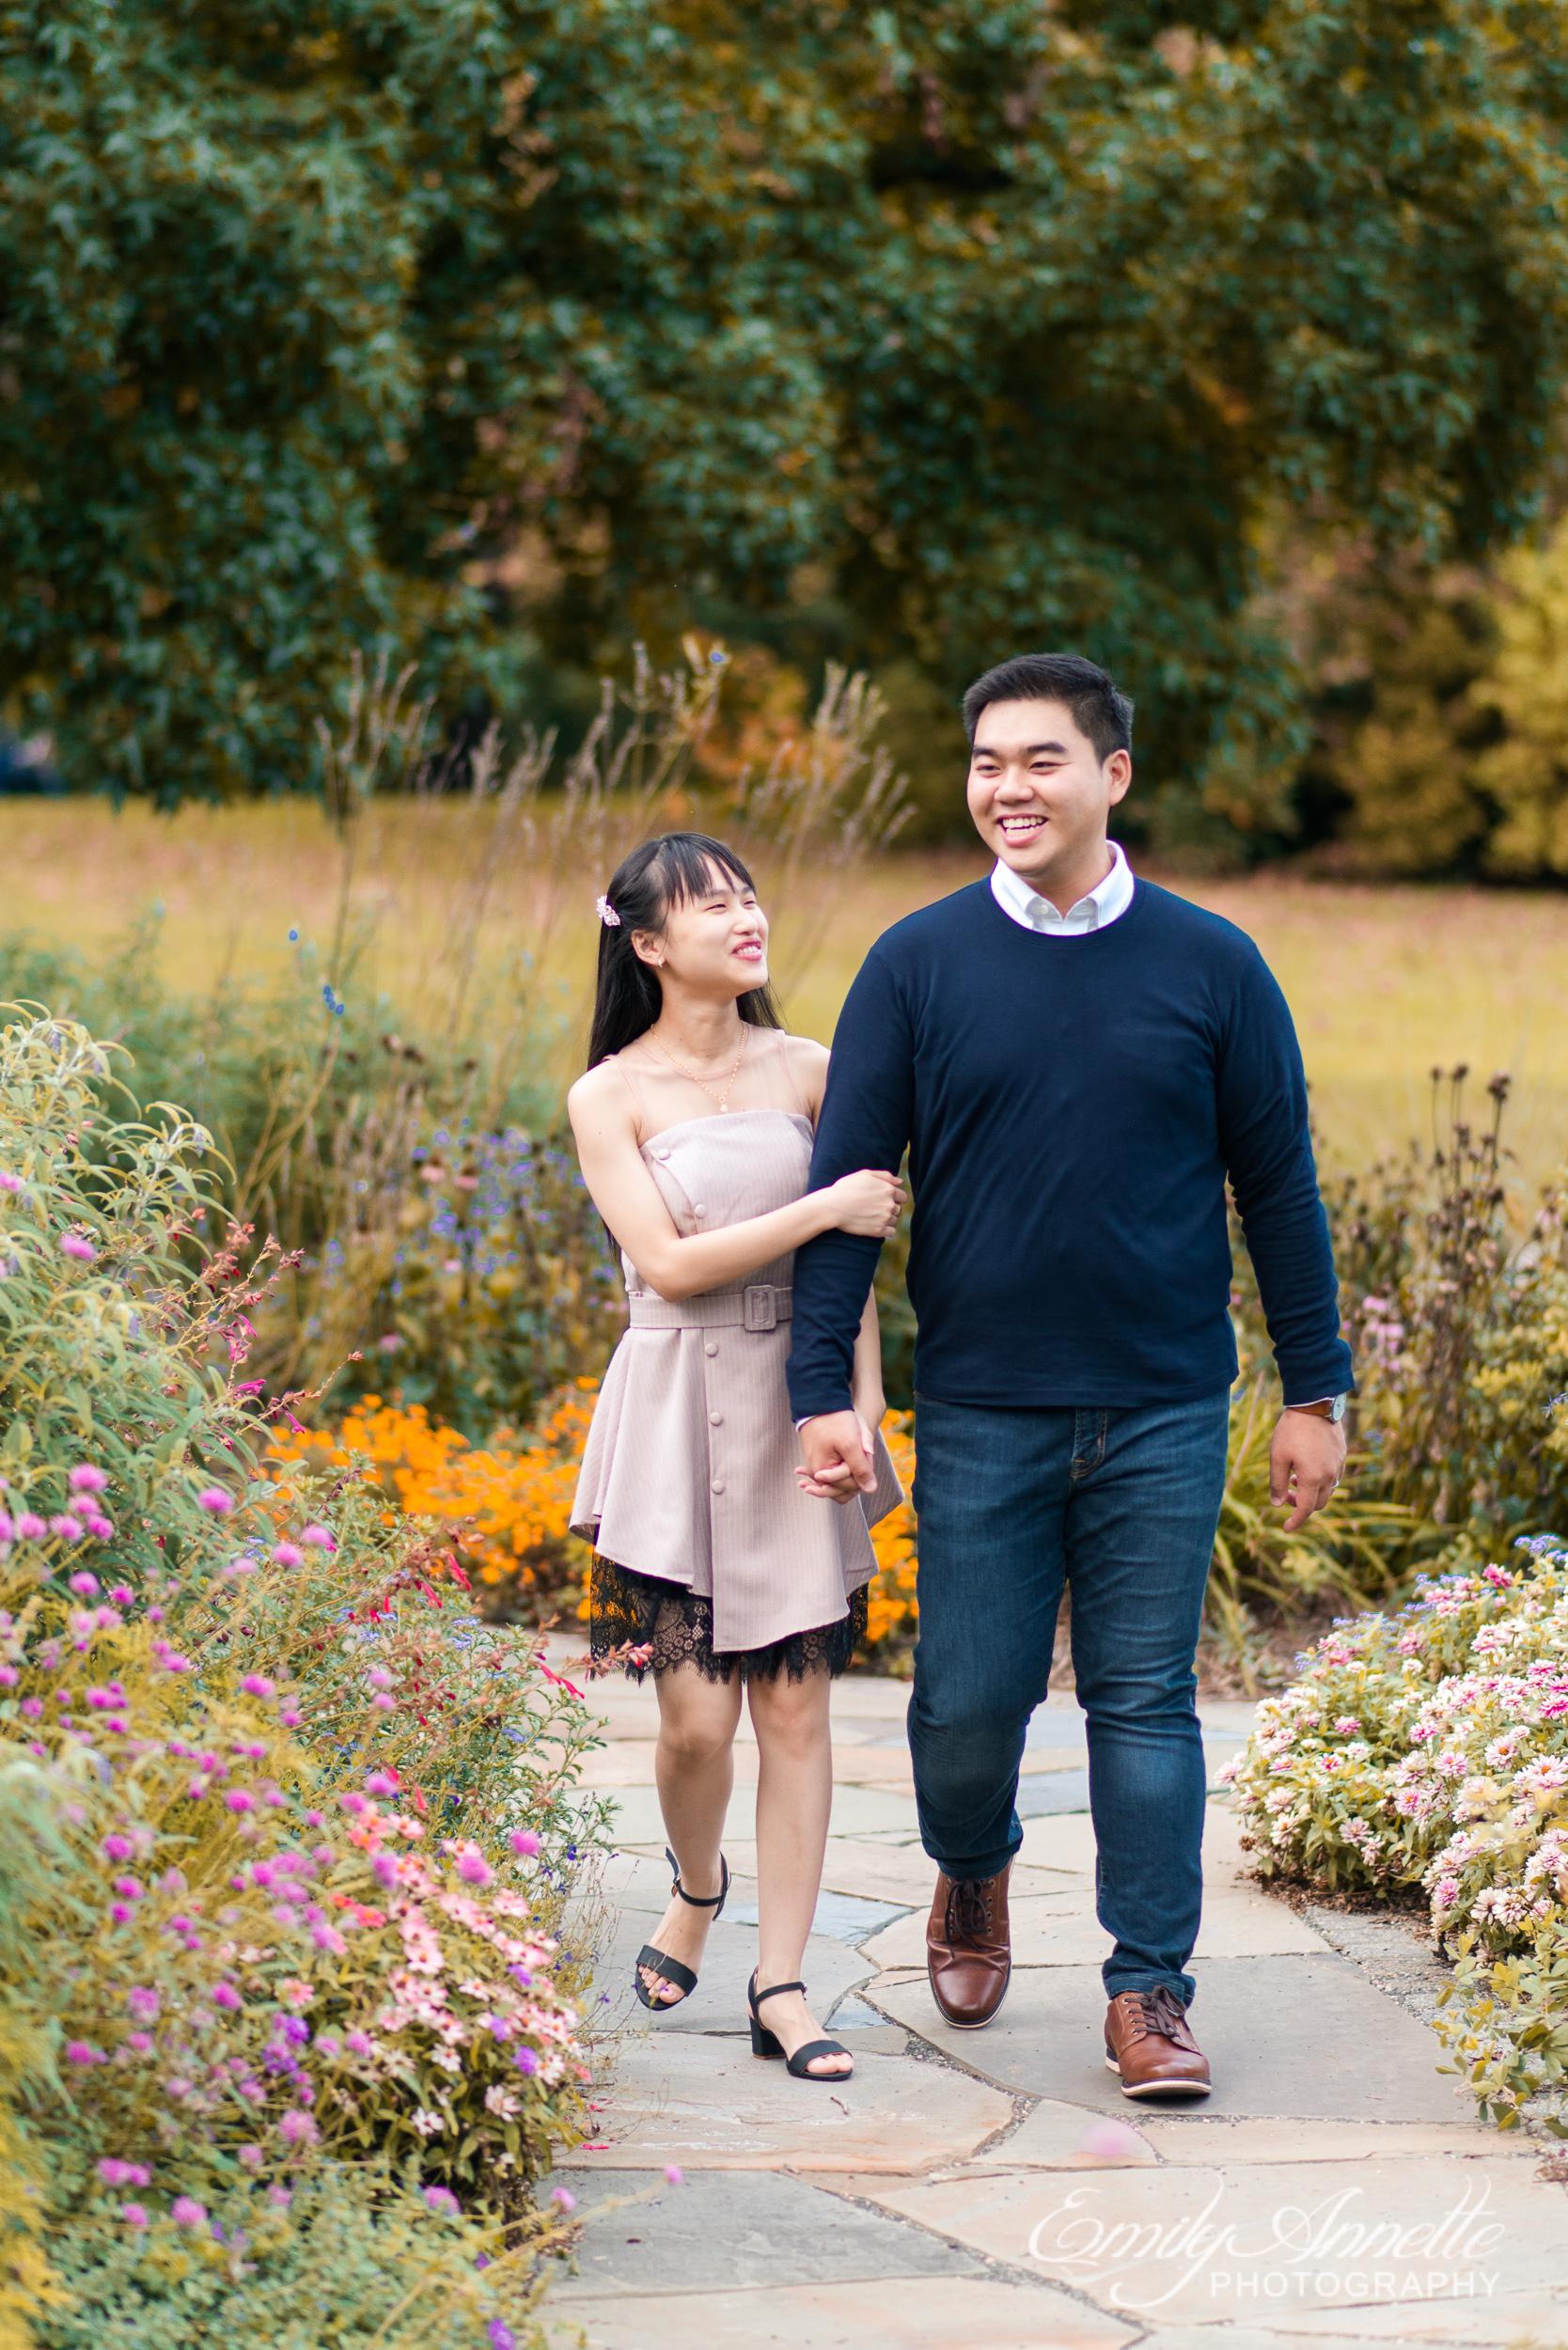 A young couple walk down a path through the garden at Green Spring Gardens Park in Fairfax, Virginia